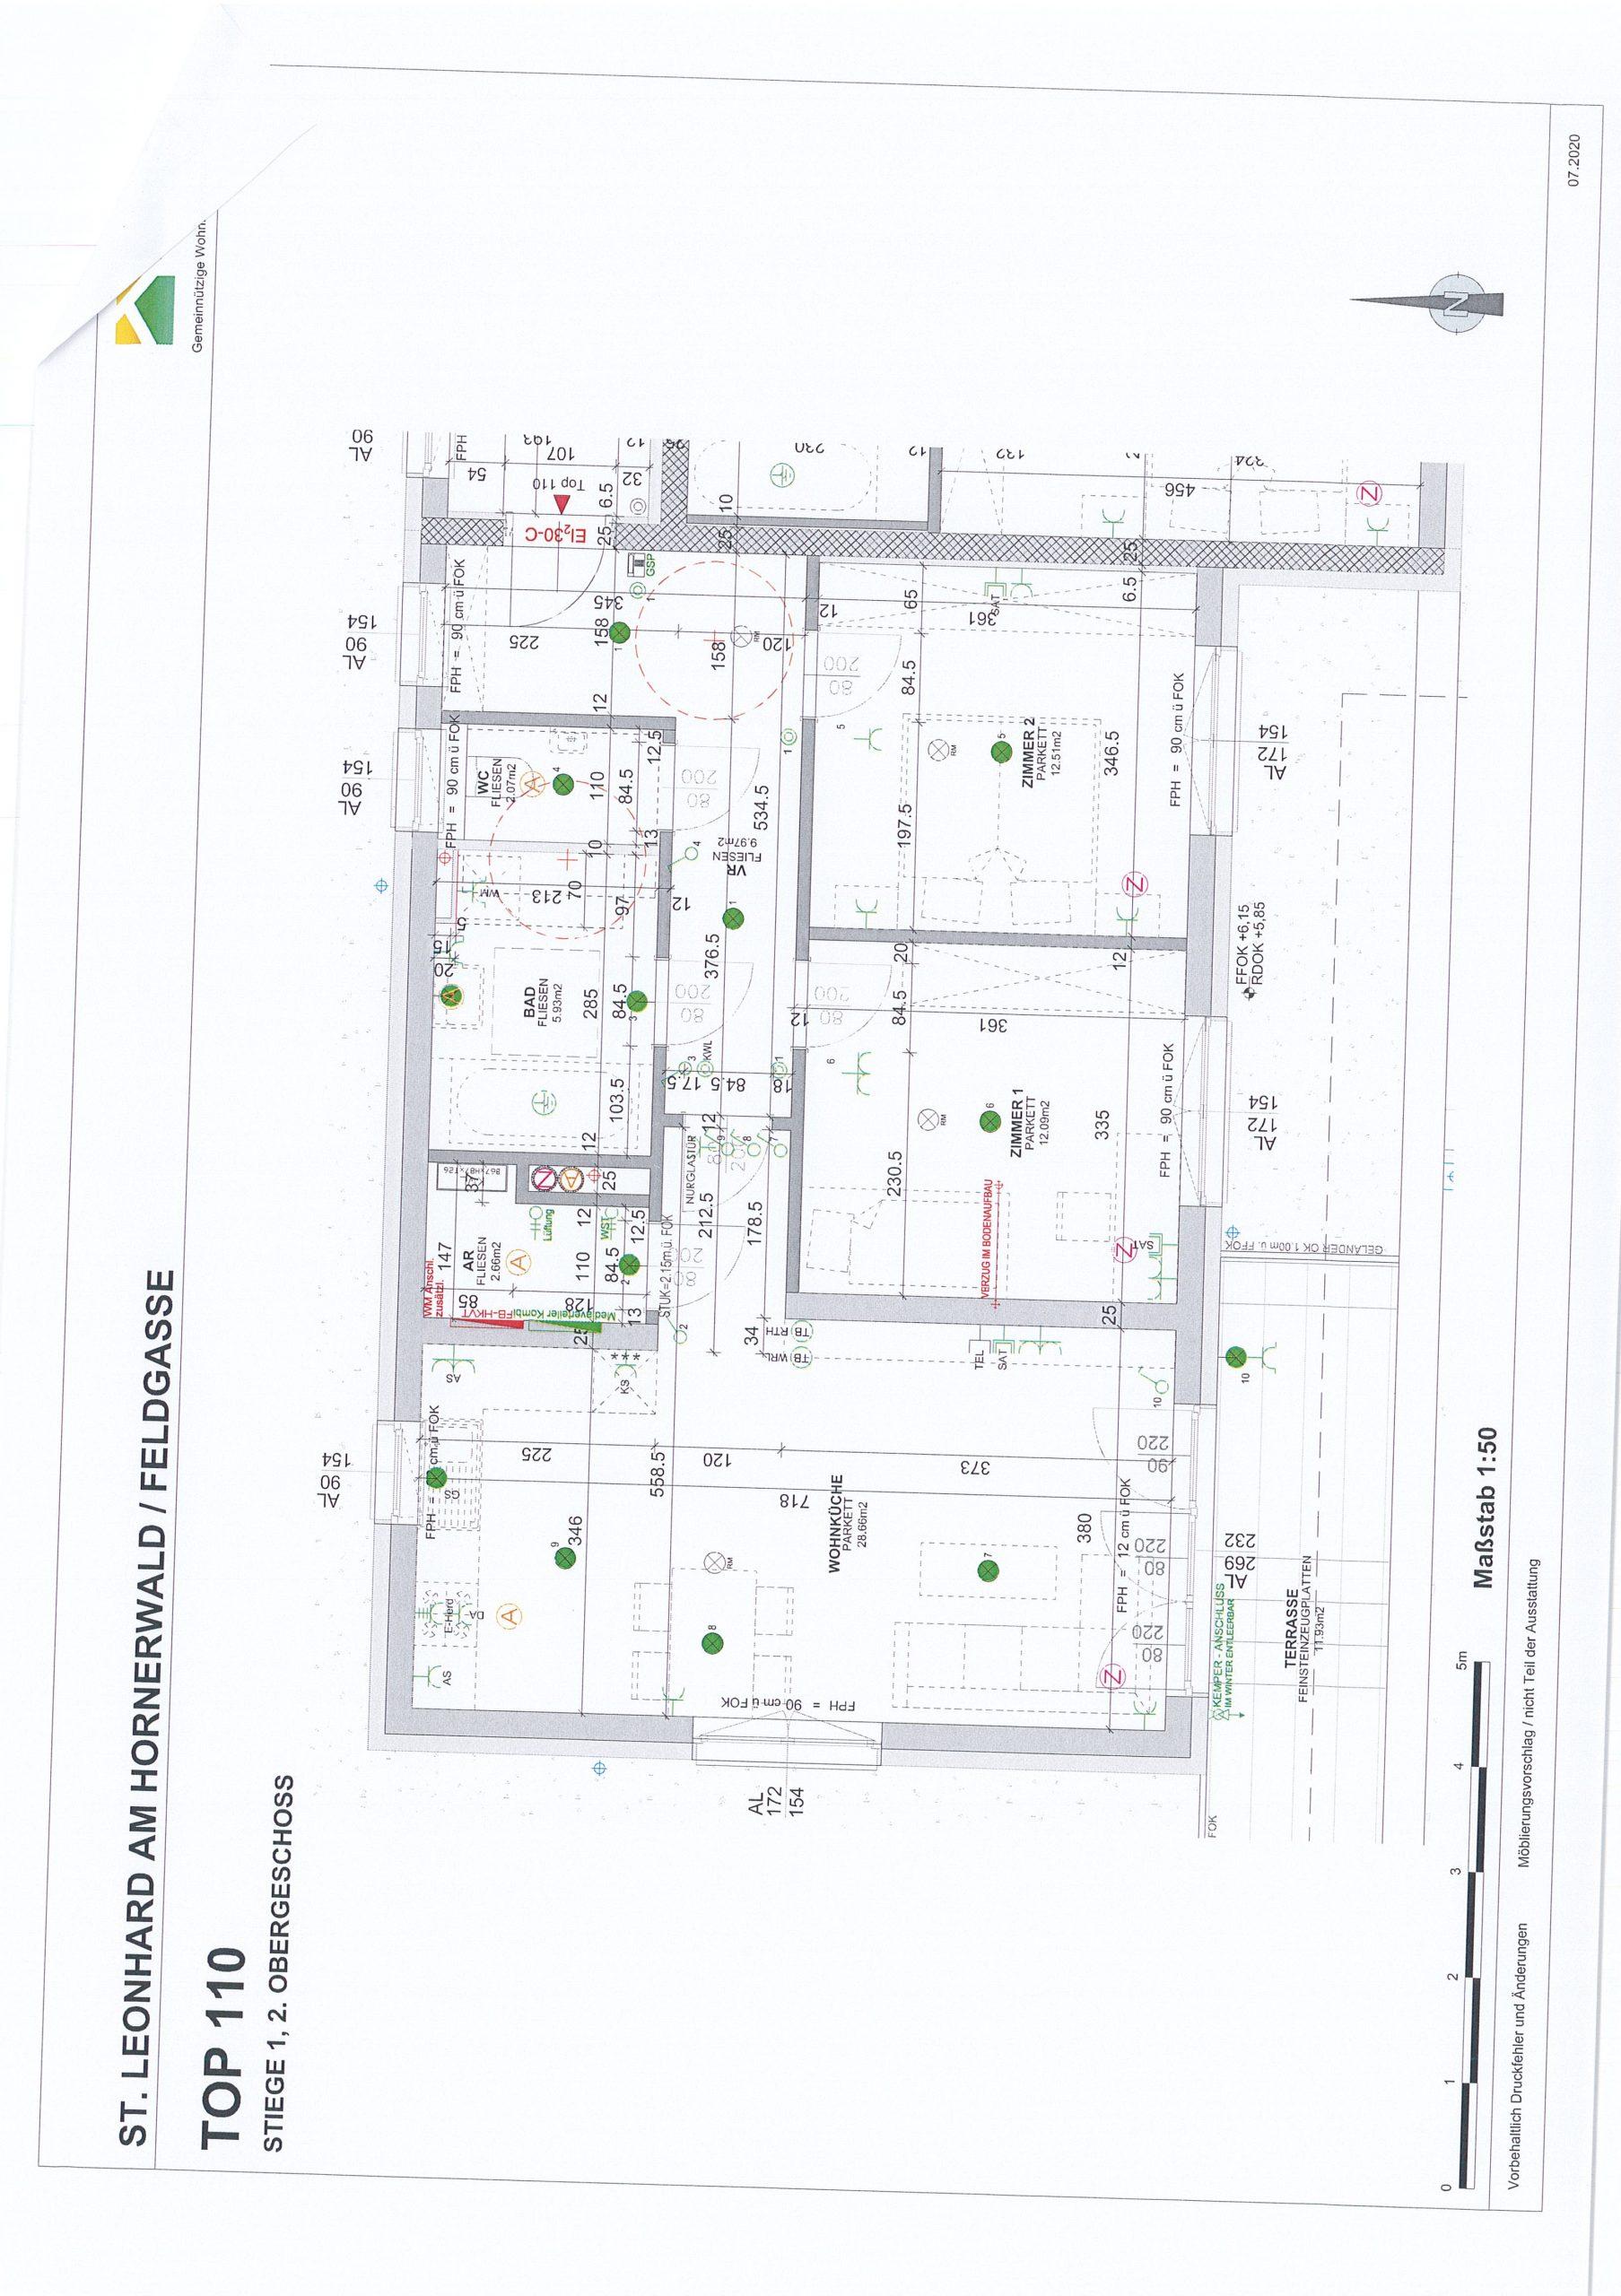 Immobilie von Kamptal in 3572 St. Leonhard am Hornerwald, Krems(Land), St. Leonhard/Hw. III/1 - Top 110 #0